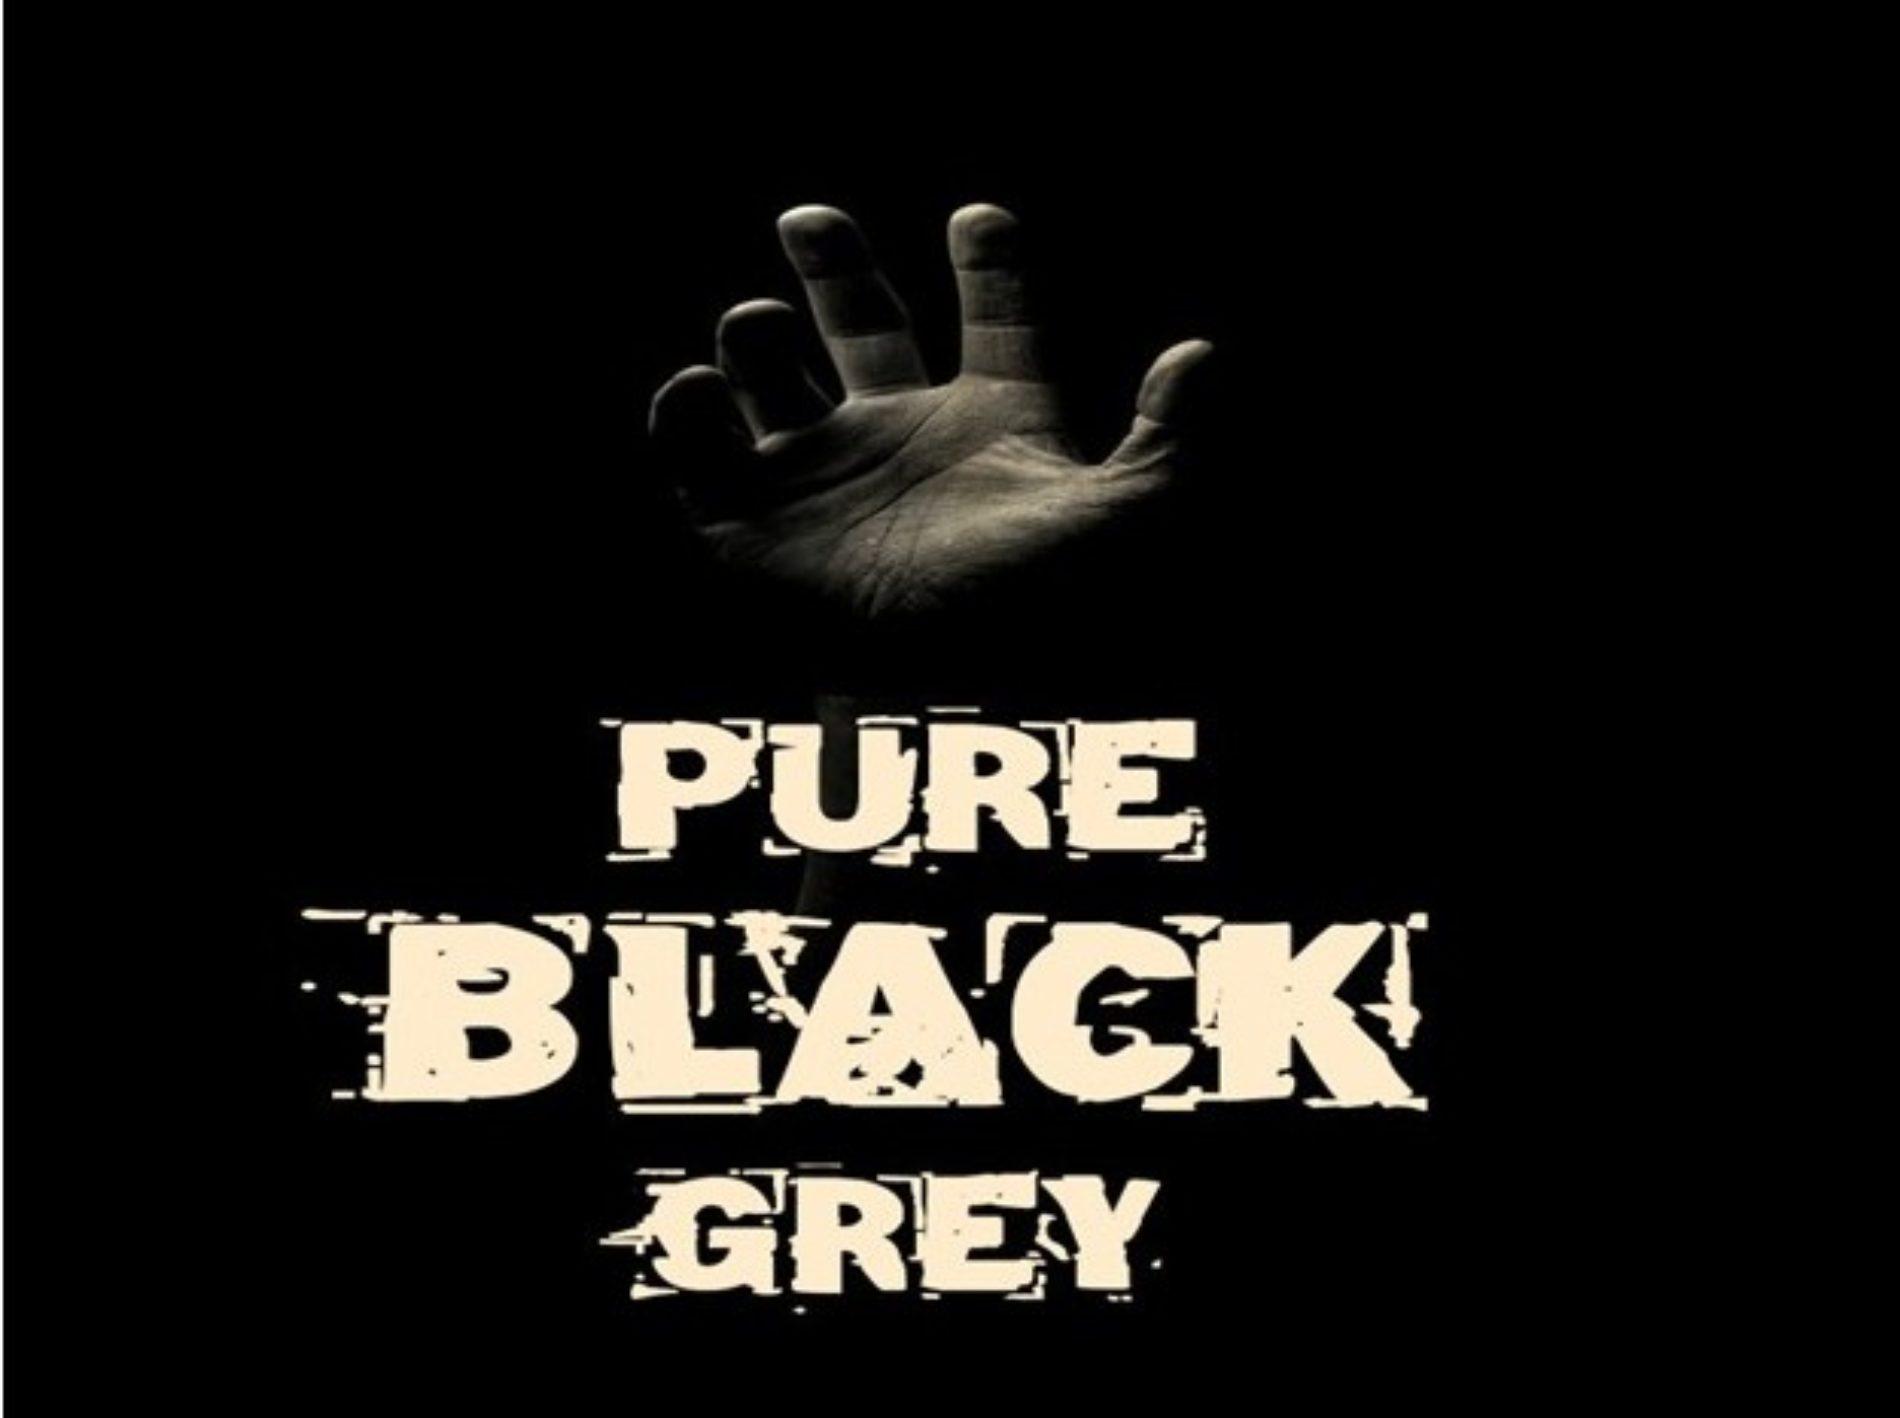 PURE BLACK GREY (Episode 5)